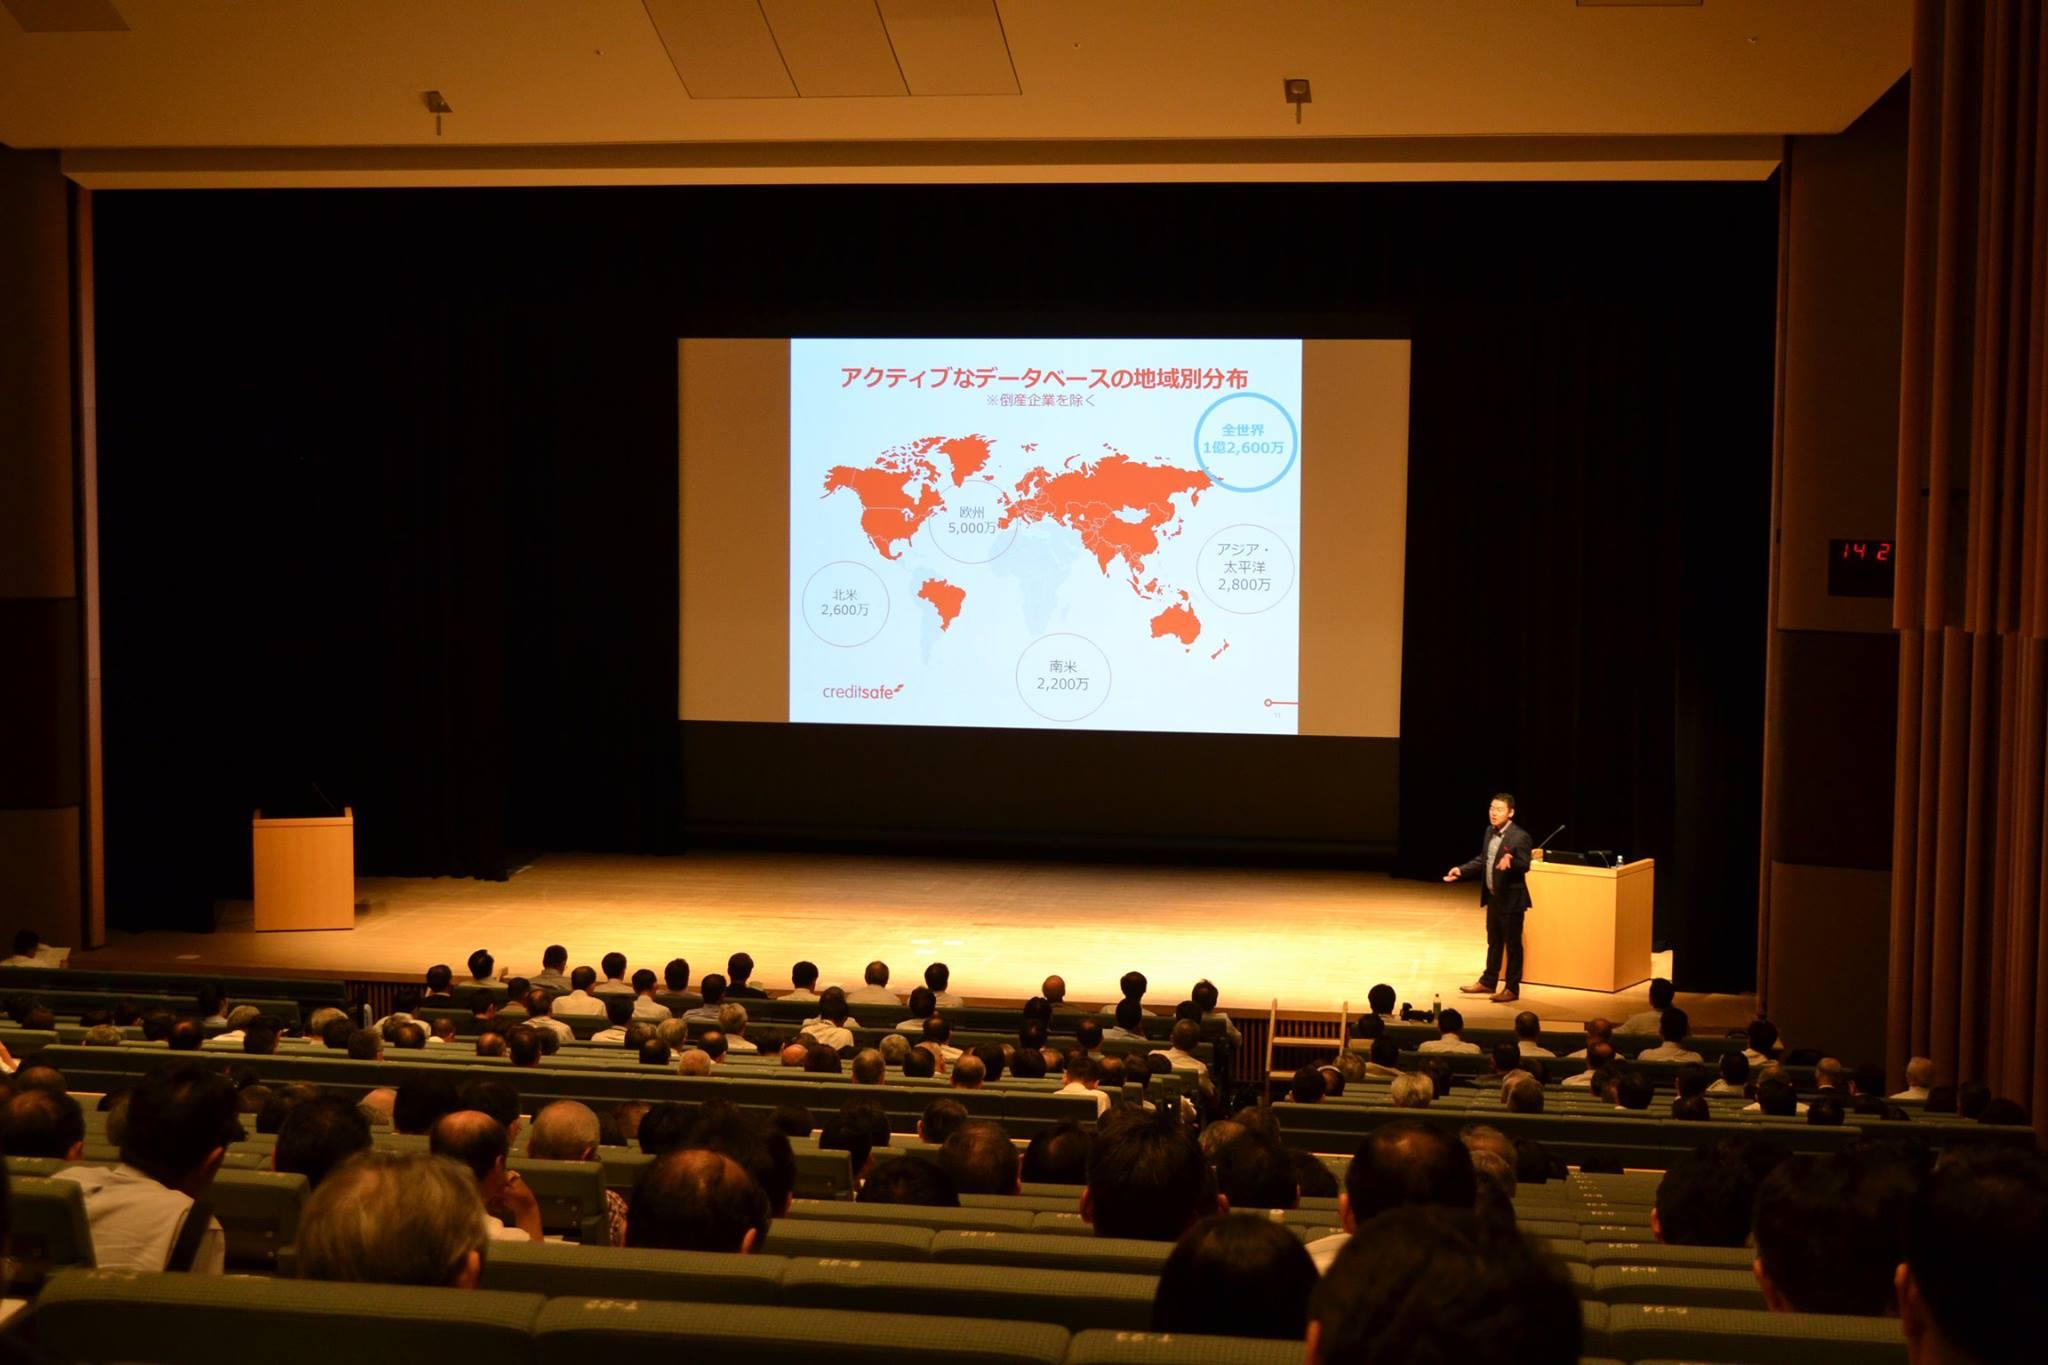 ※グローバルリスクマネジメント・フォーラム(東京:日経ホール)にて。代表、牧野和彦が中国・ASEAN企業との取引における与信管理のポイントについて講演